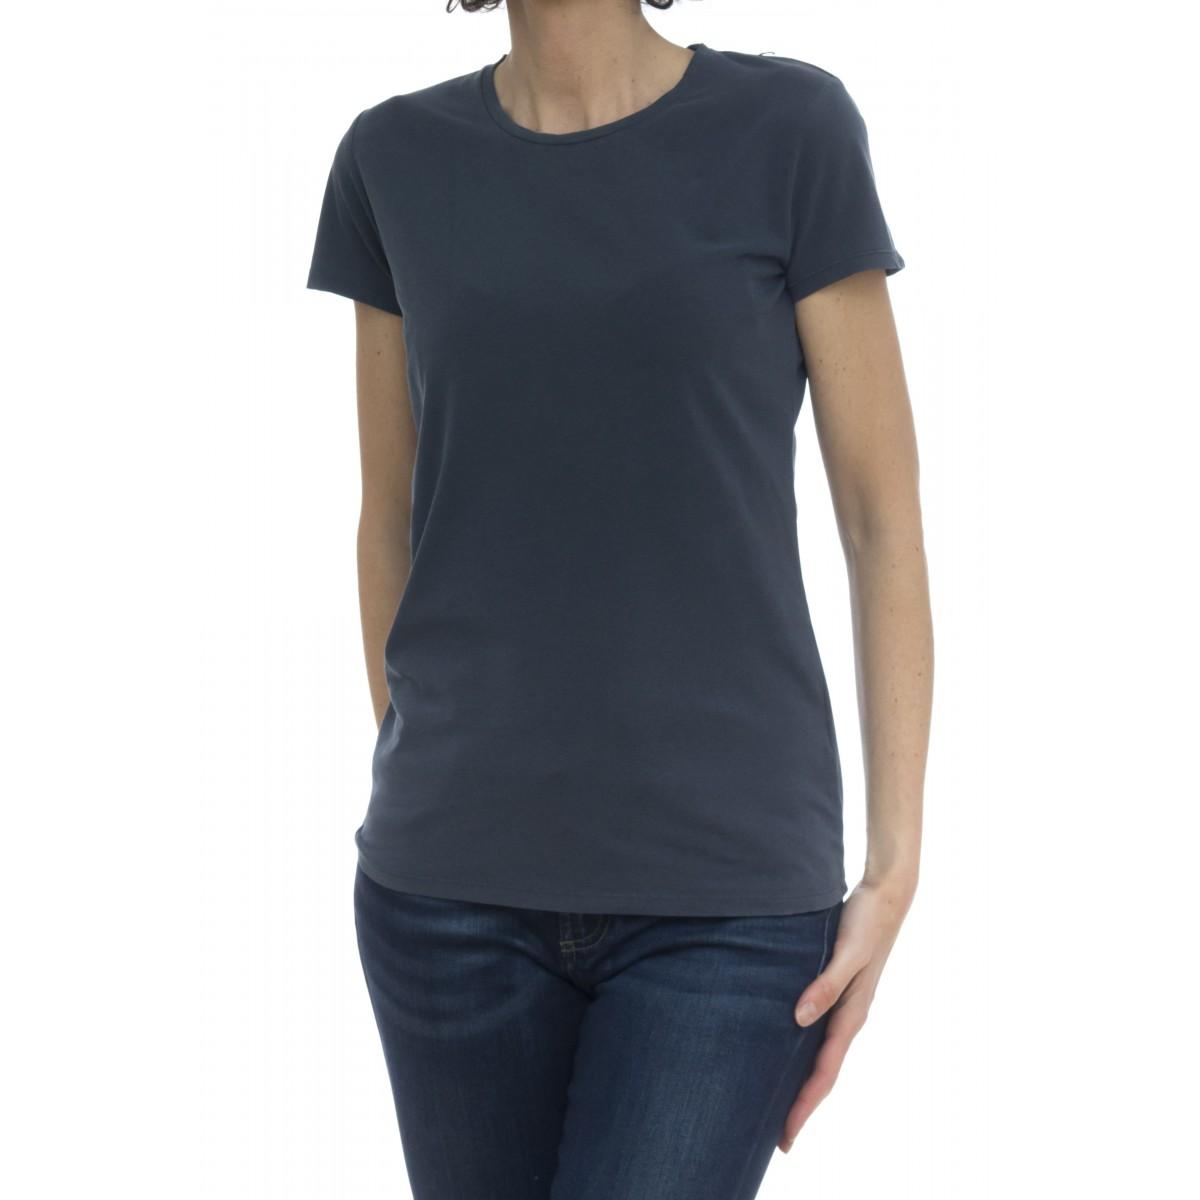 T-shirt donna - J090 fts018 t-shirt